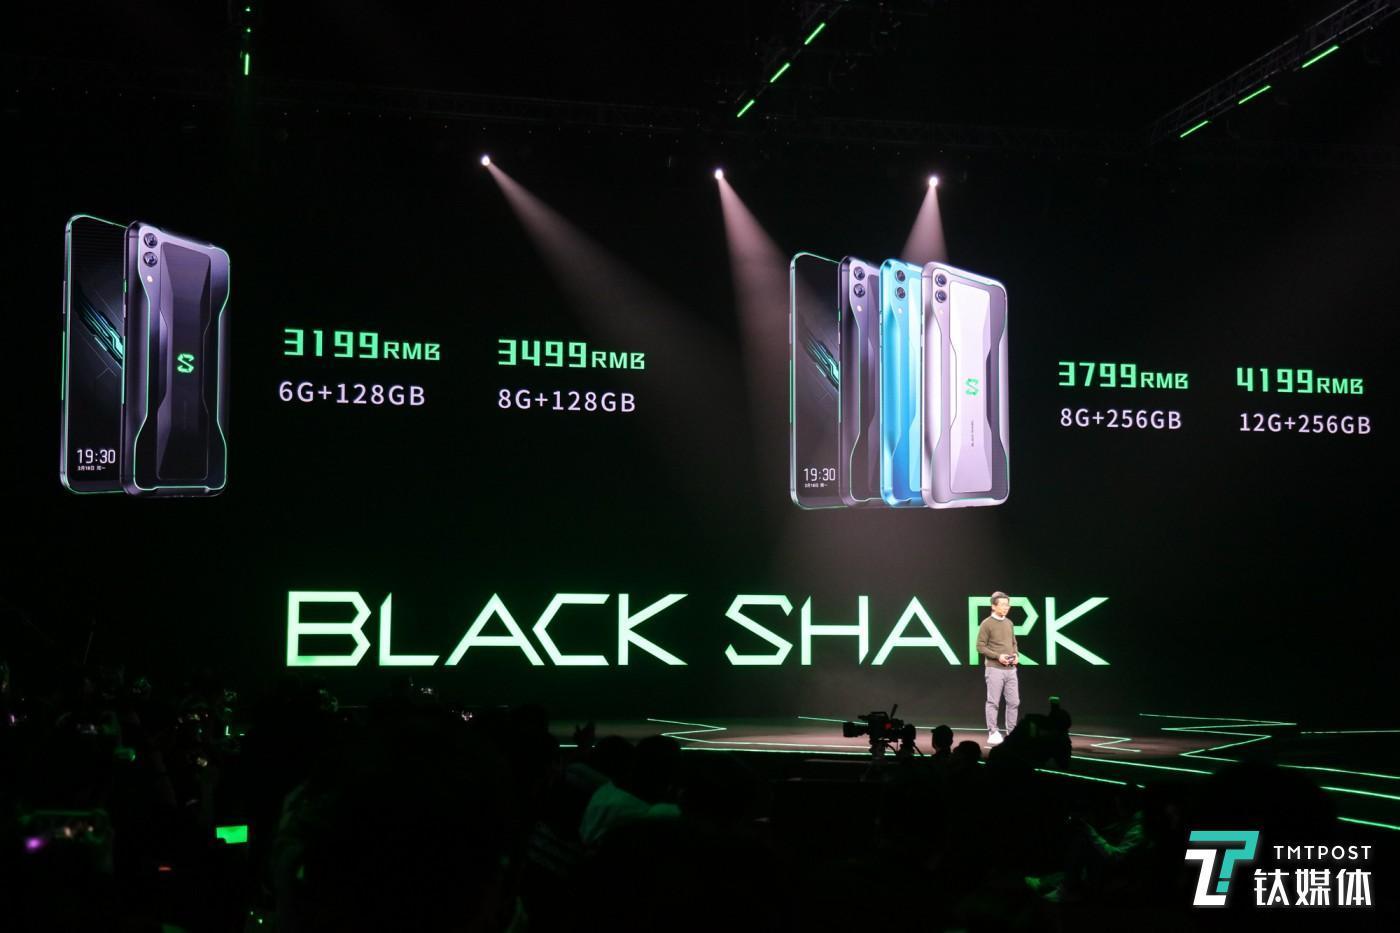 黑鲨游戏手机2售价